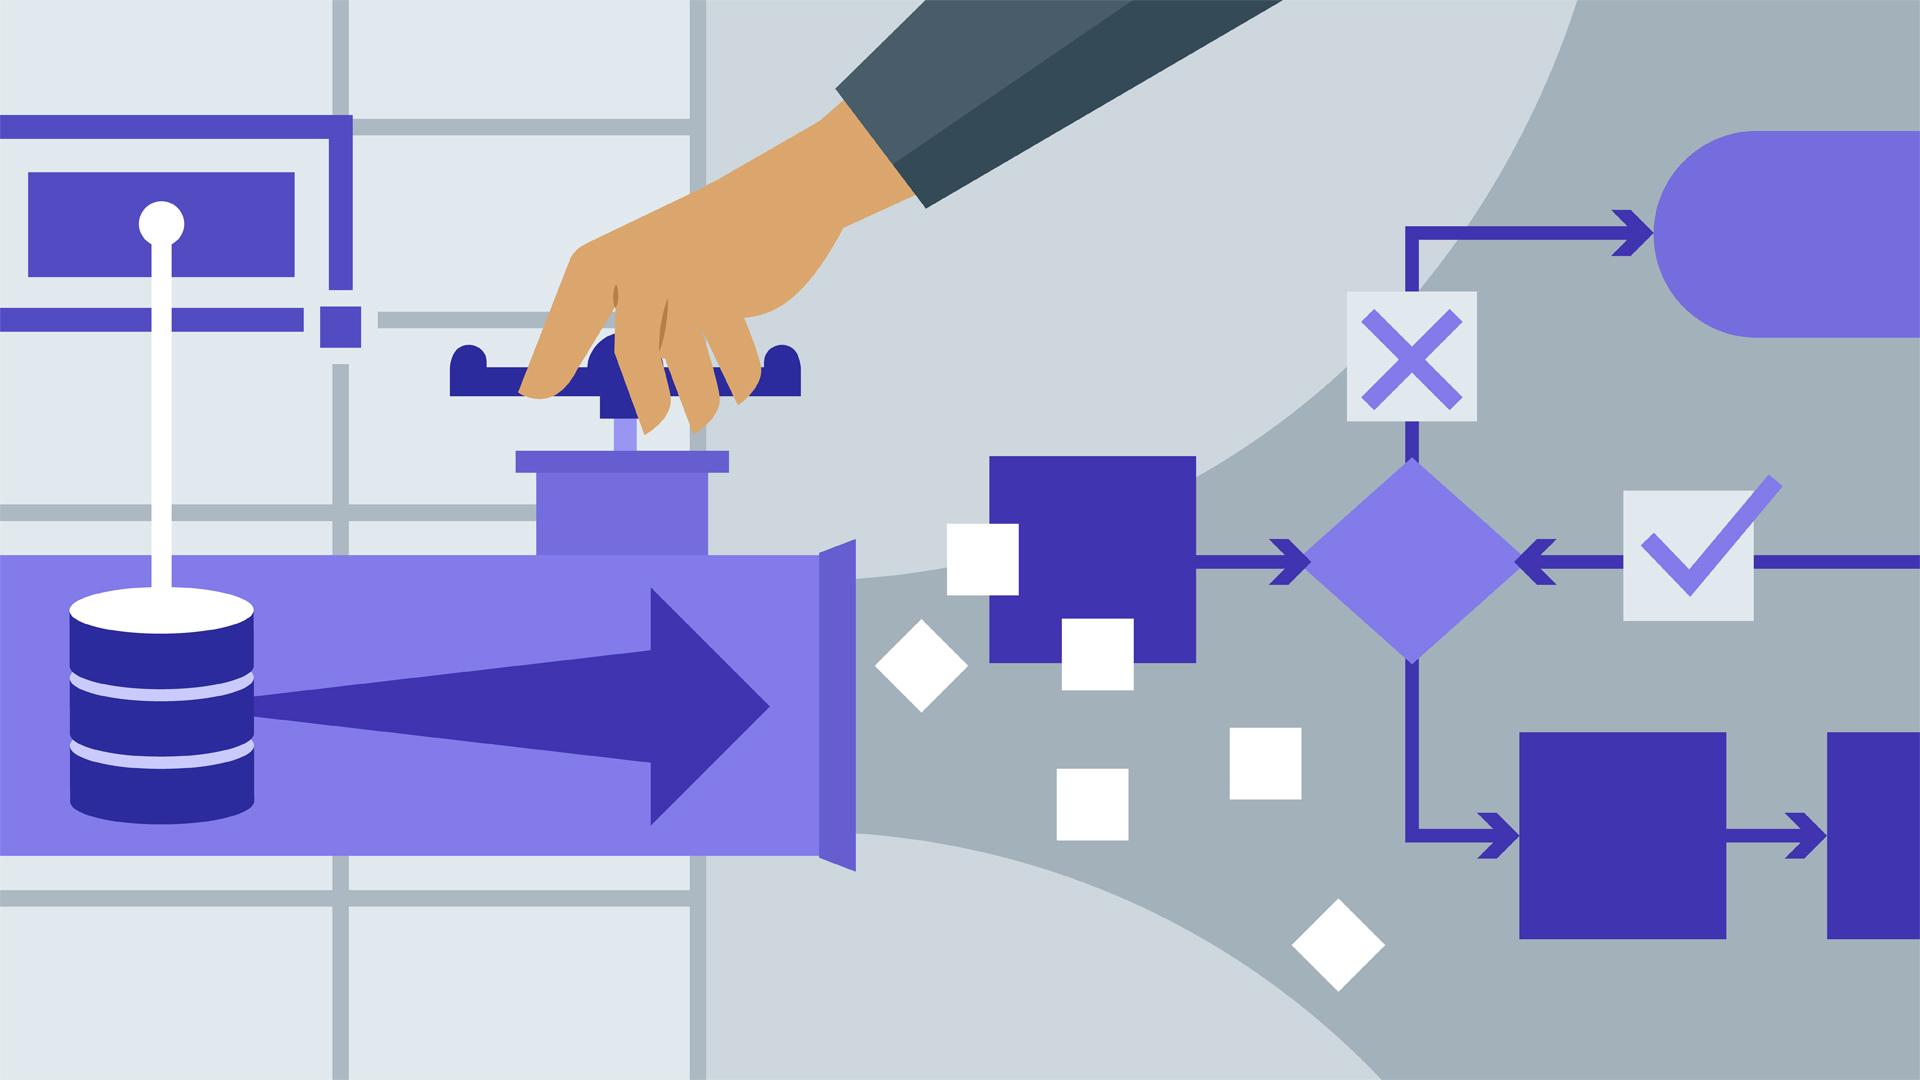 logic diagram in visio excel and visio generating diagrams automatically  excel and visio generating diagrams